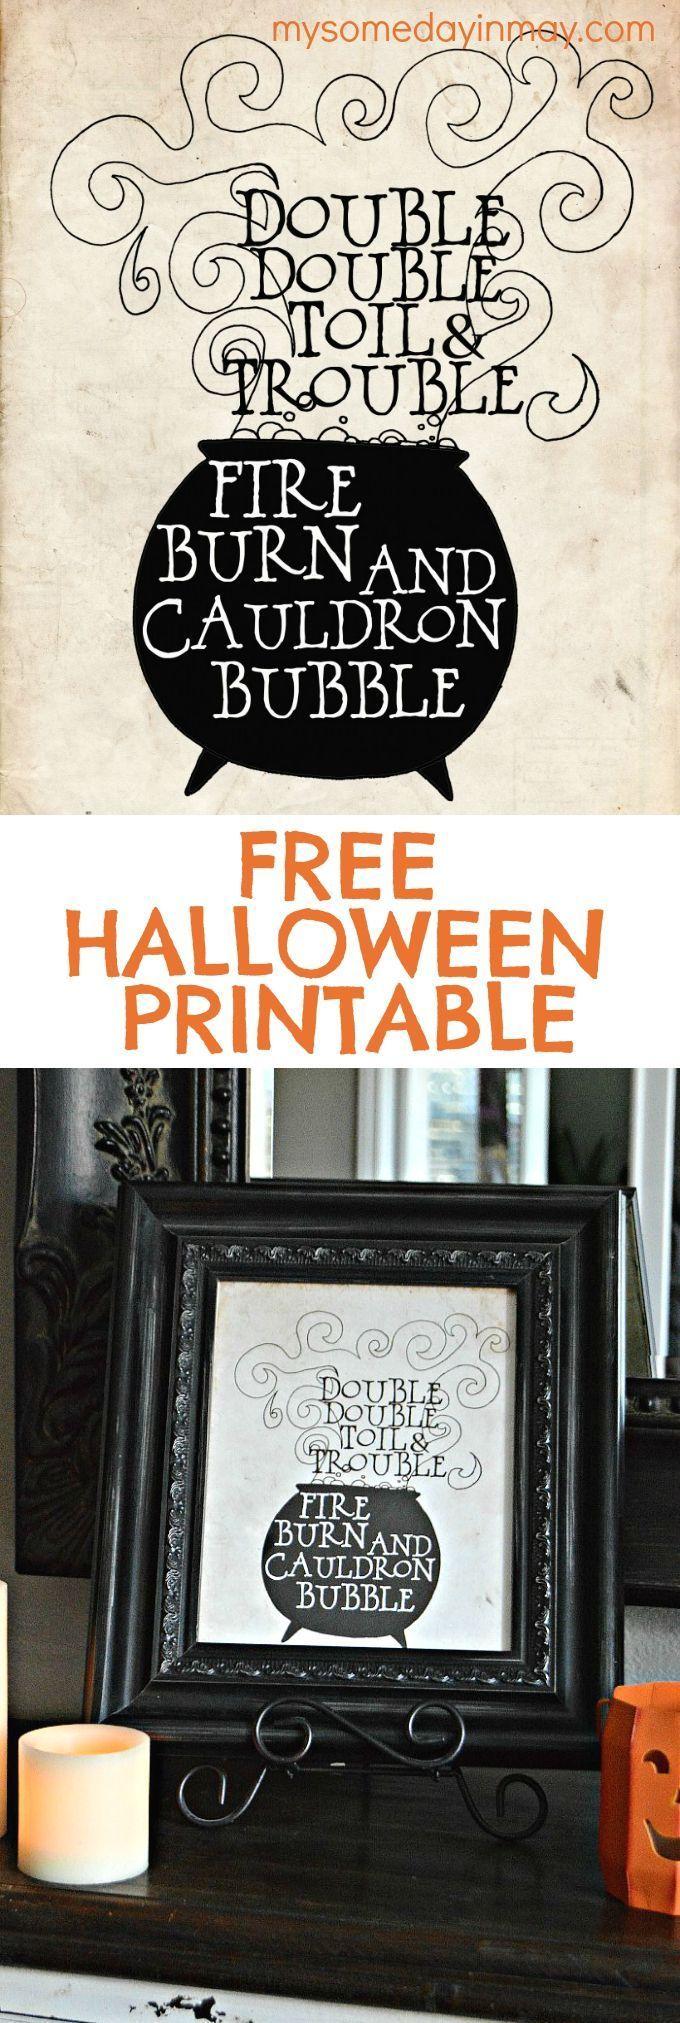 Perfect Free Printable for Halloween decor! #halloween #fall #freeprintable